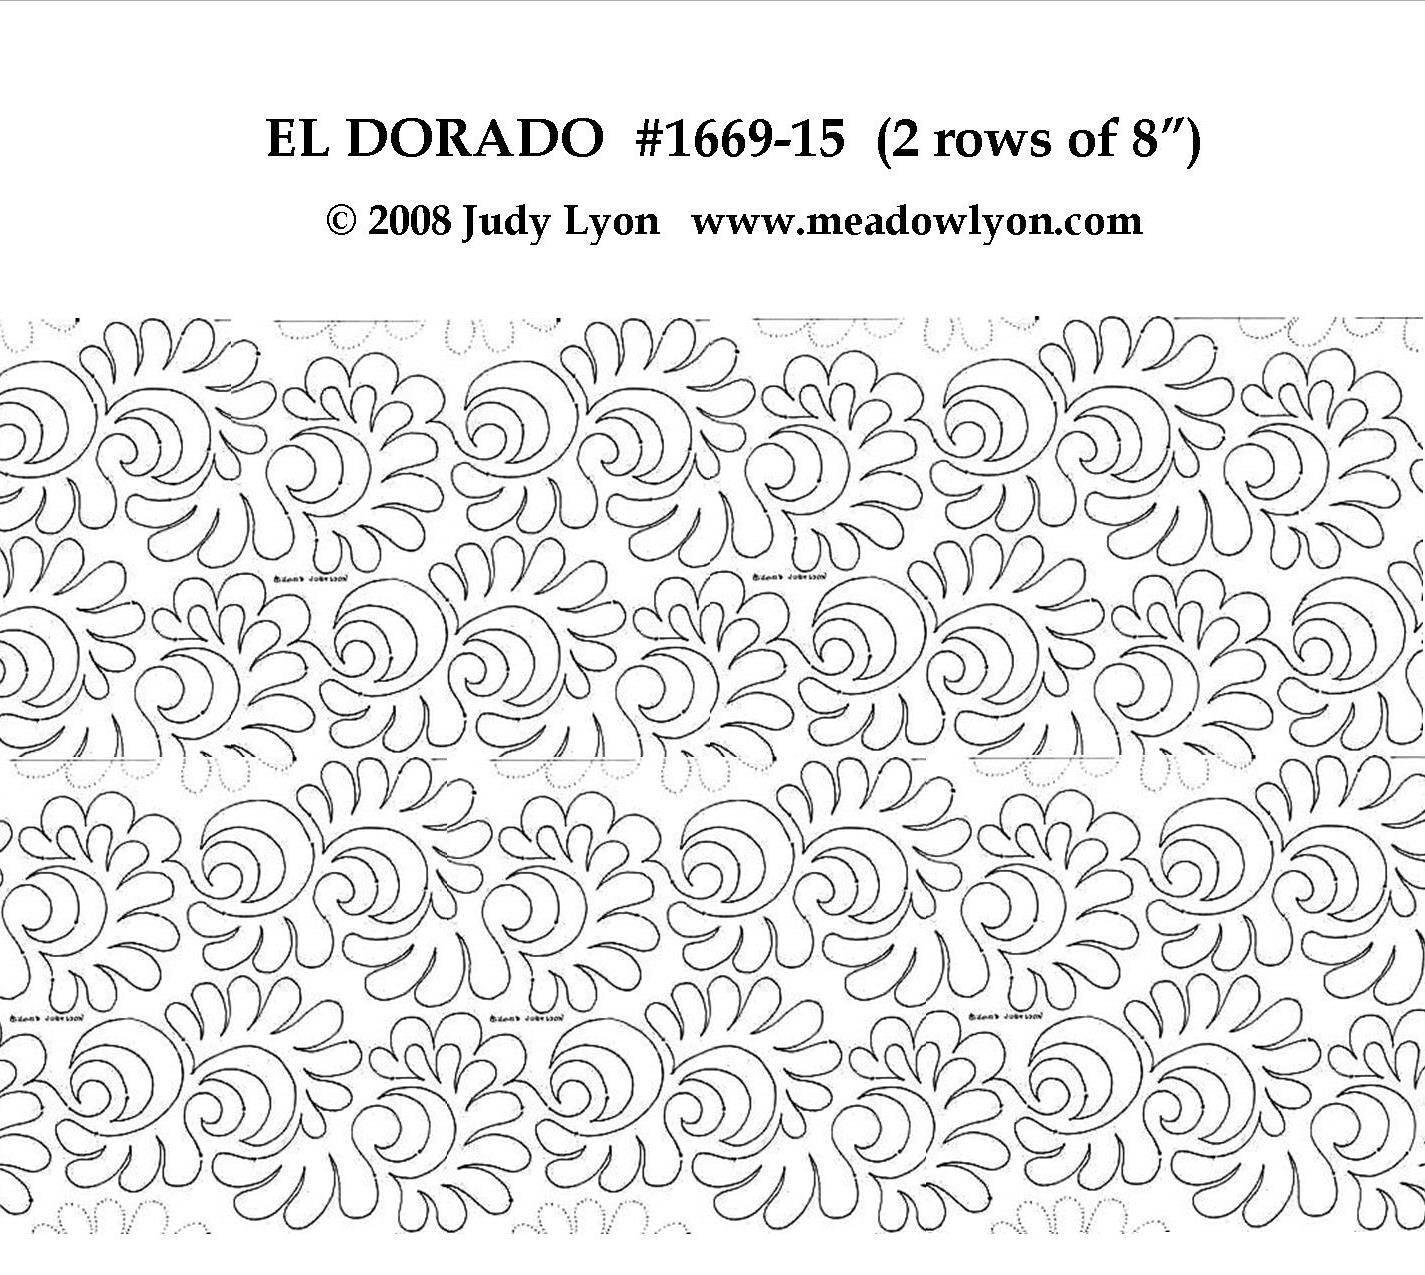 El Dorado 2 rows of 8″ Interlocking